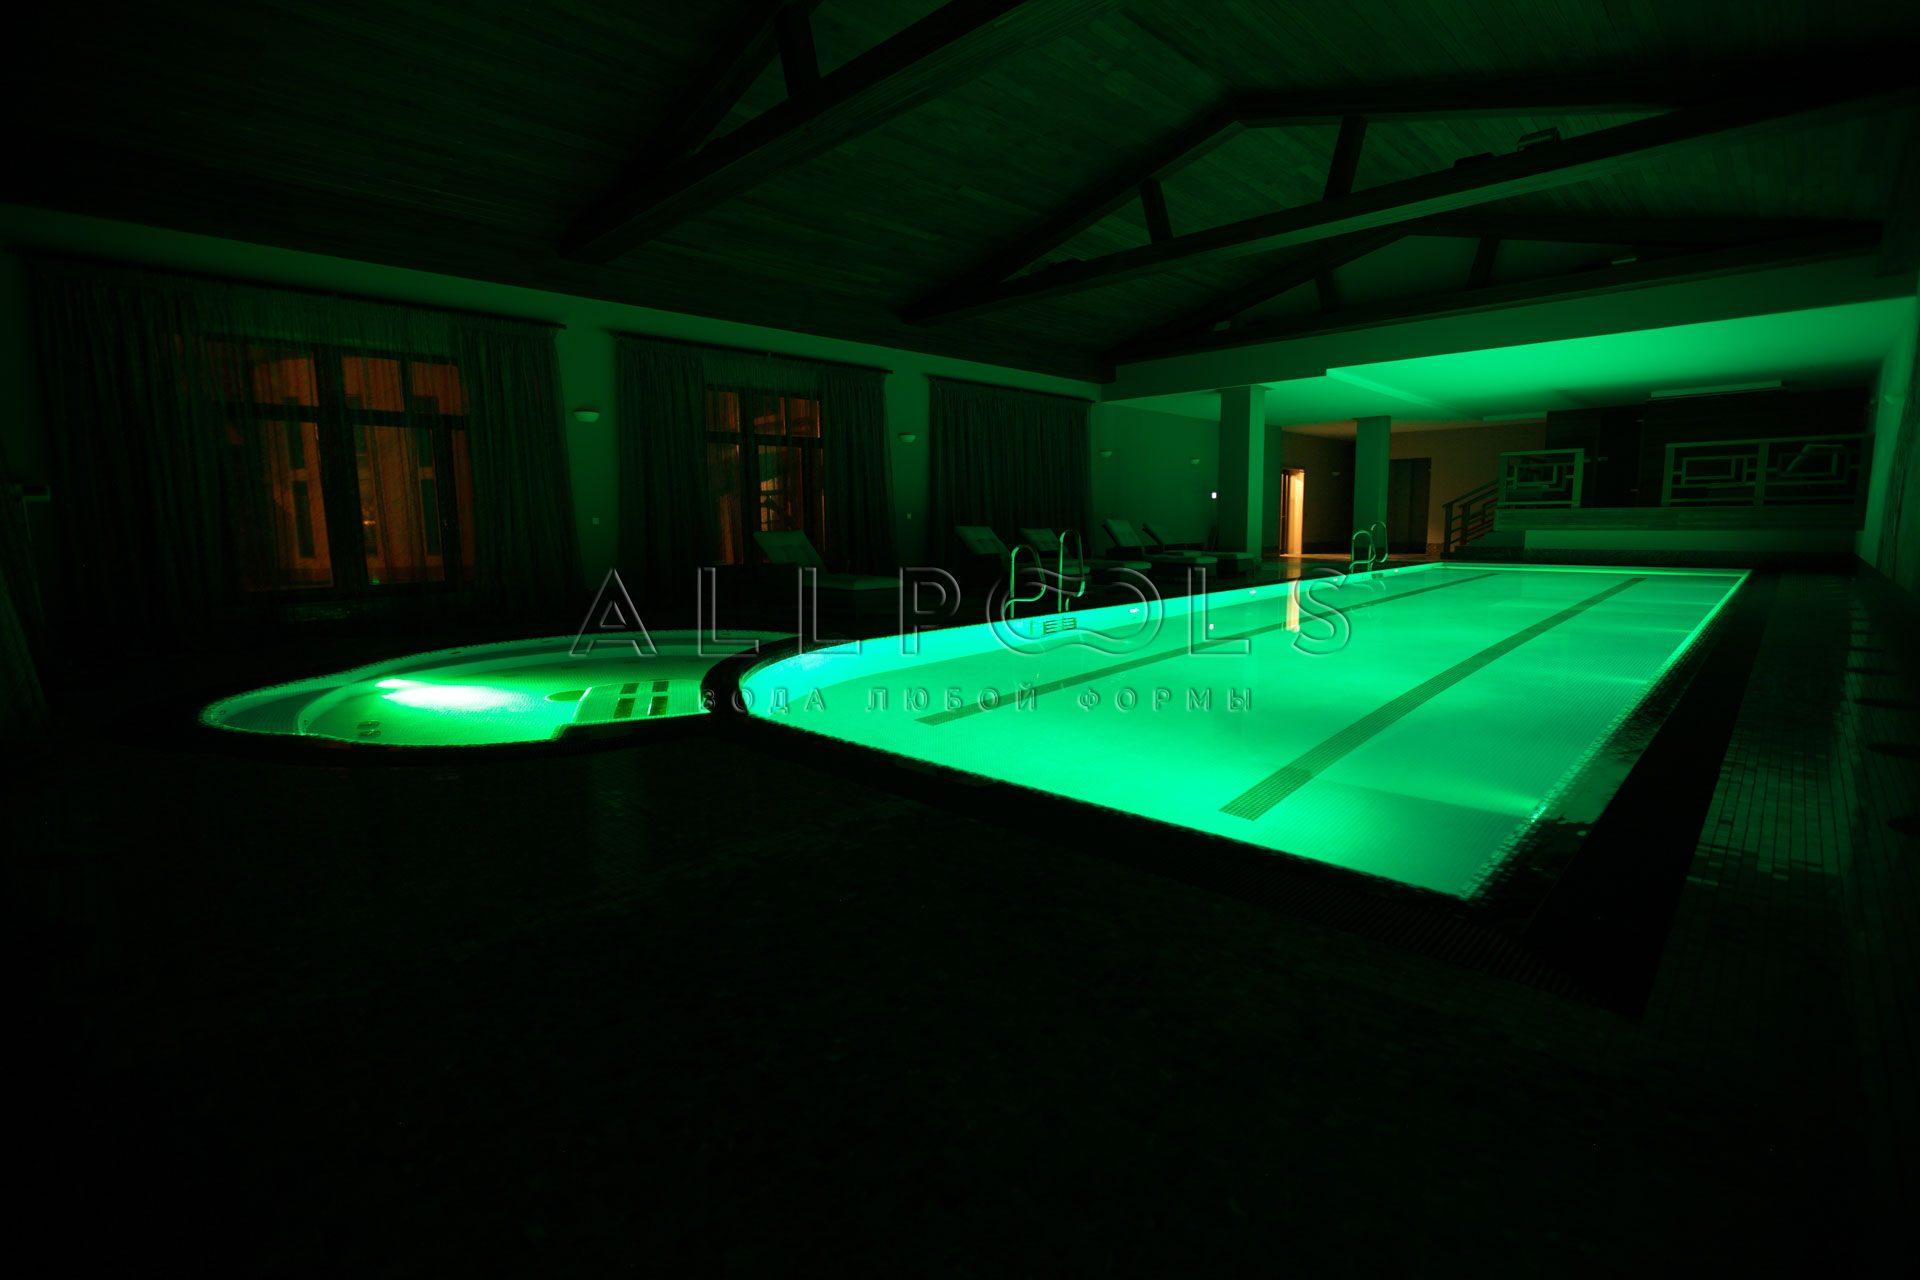 Разноцветное освещение в бассейне с джакузи. Зеленый цвет с выключенным светом (в темноте)